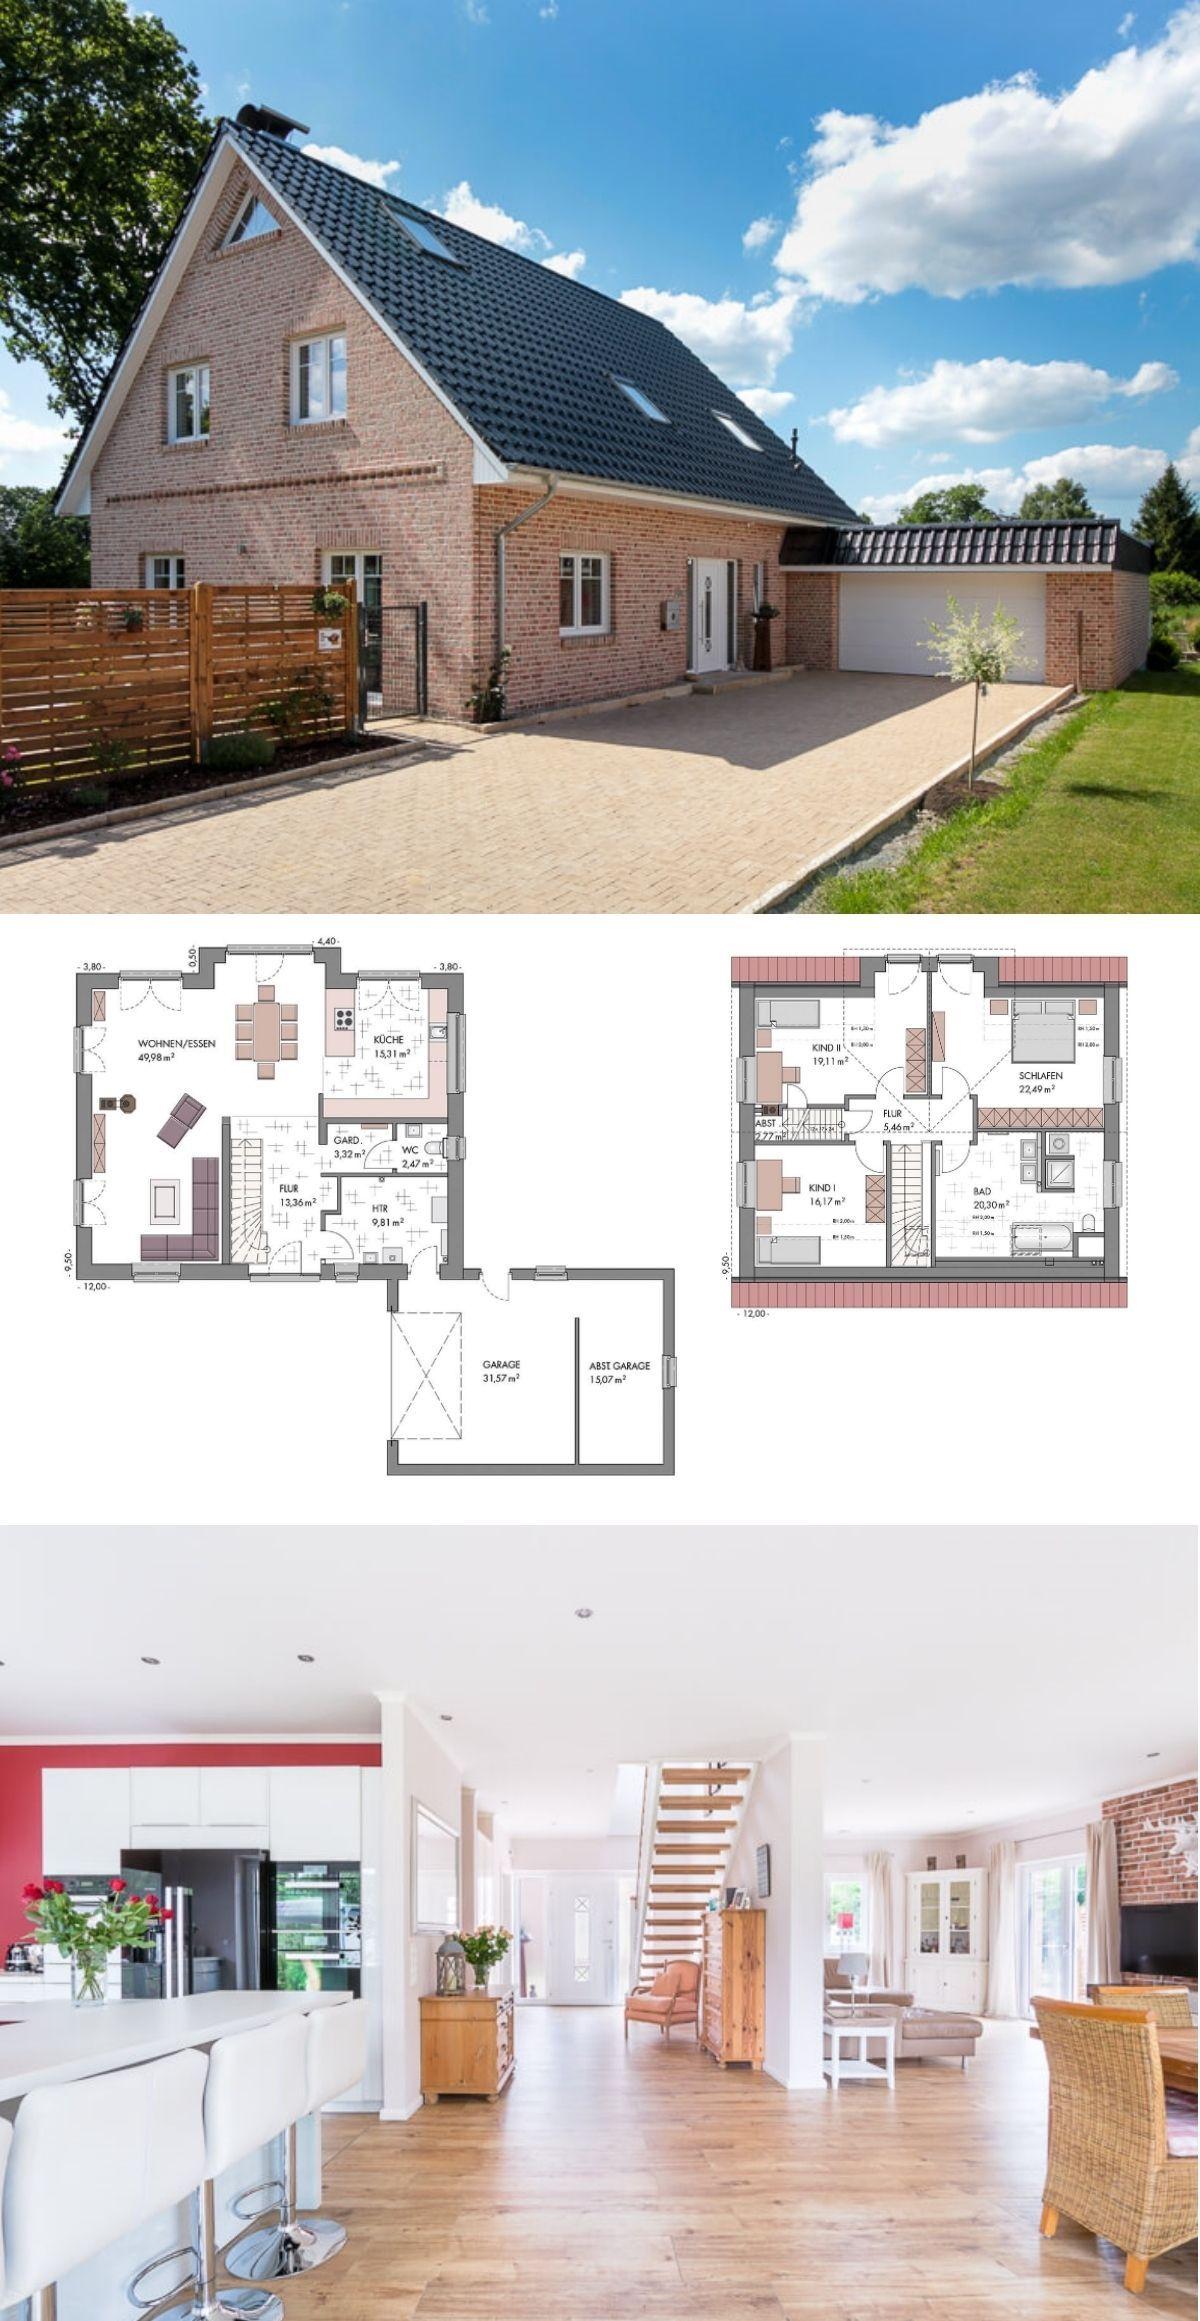 einfamilienhaus mit garage satteldach klinker fassade im landhausstil massivhaus bauen. Black Bedroom Furniture Sets. Home Design Ideas